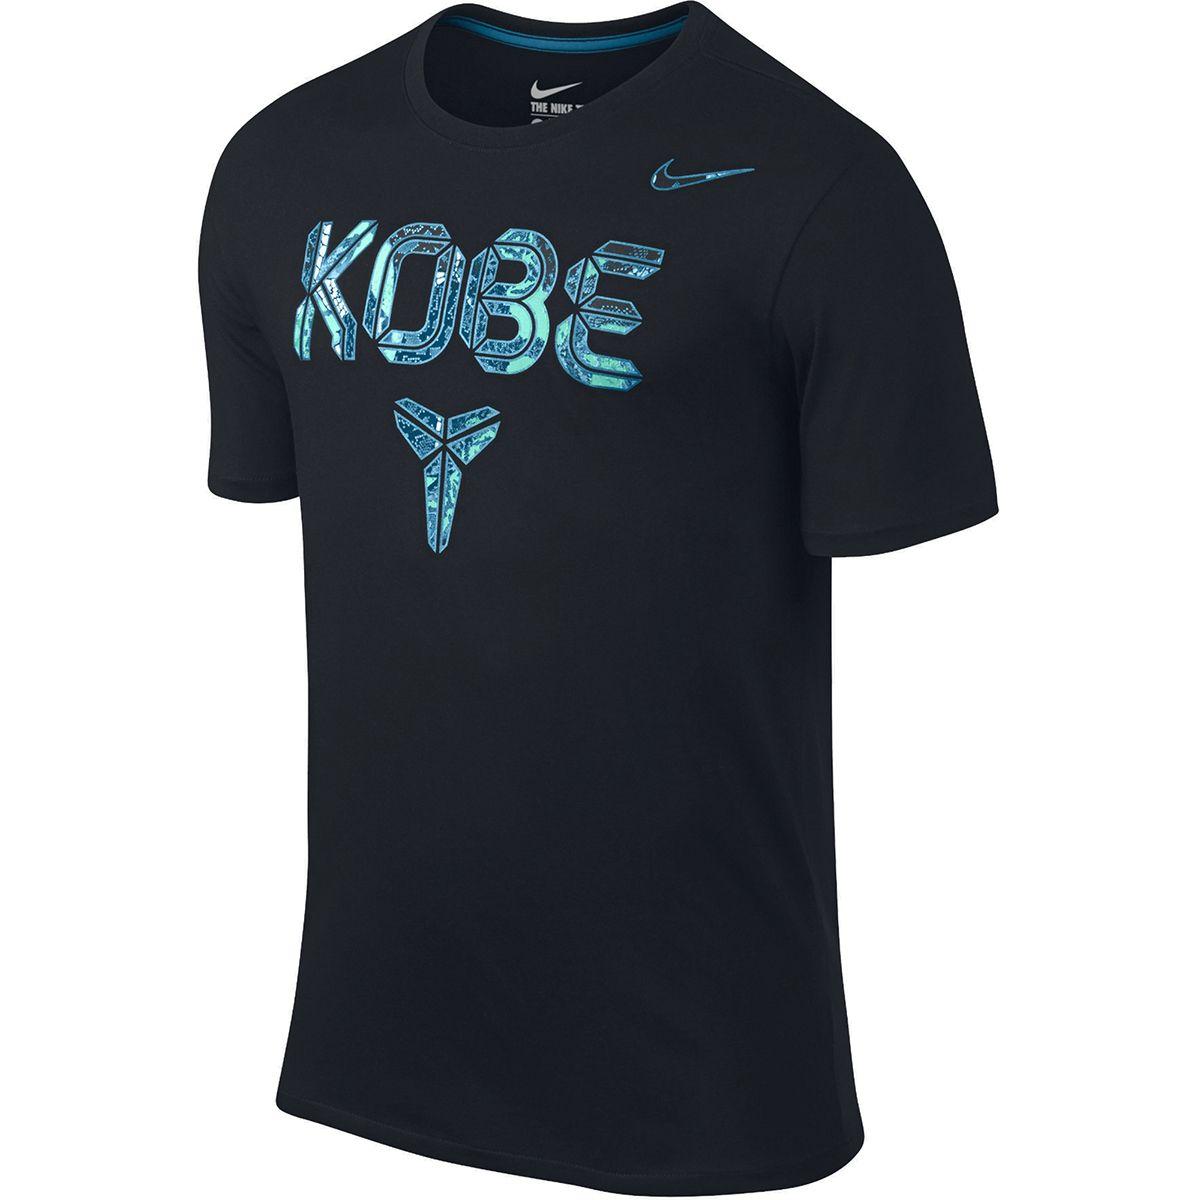 Nike 644608 Kobe Bryant Pattern Erkek T-Shirt